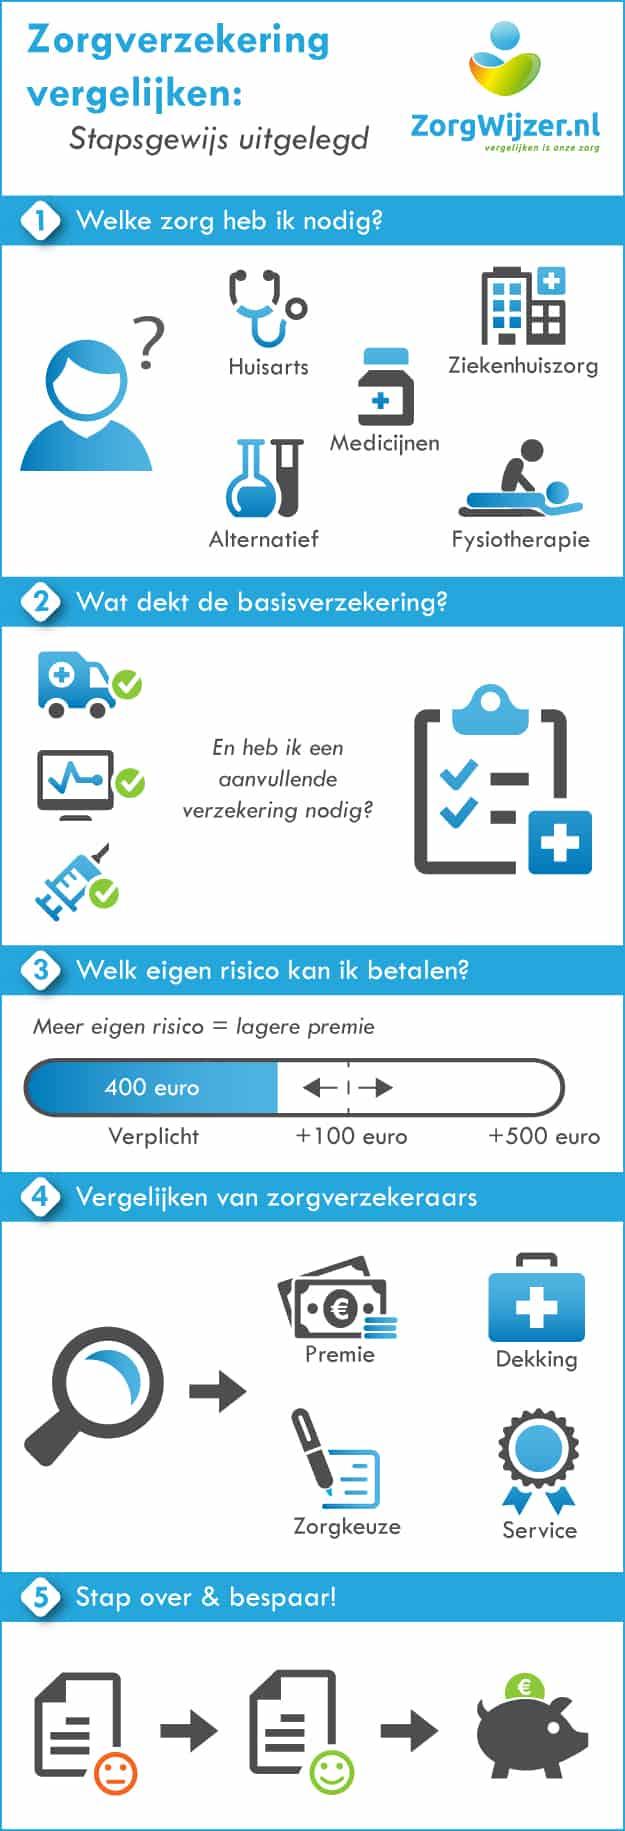 Zorgverzekering vergelijken infographic